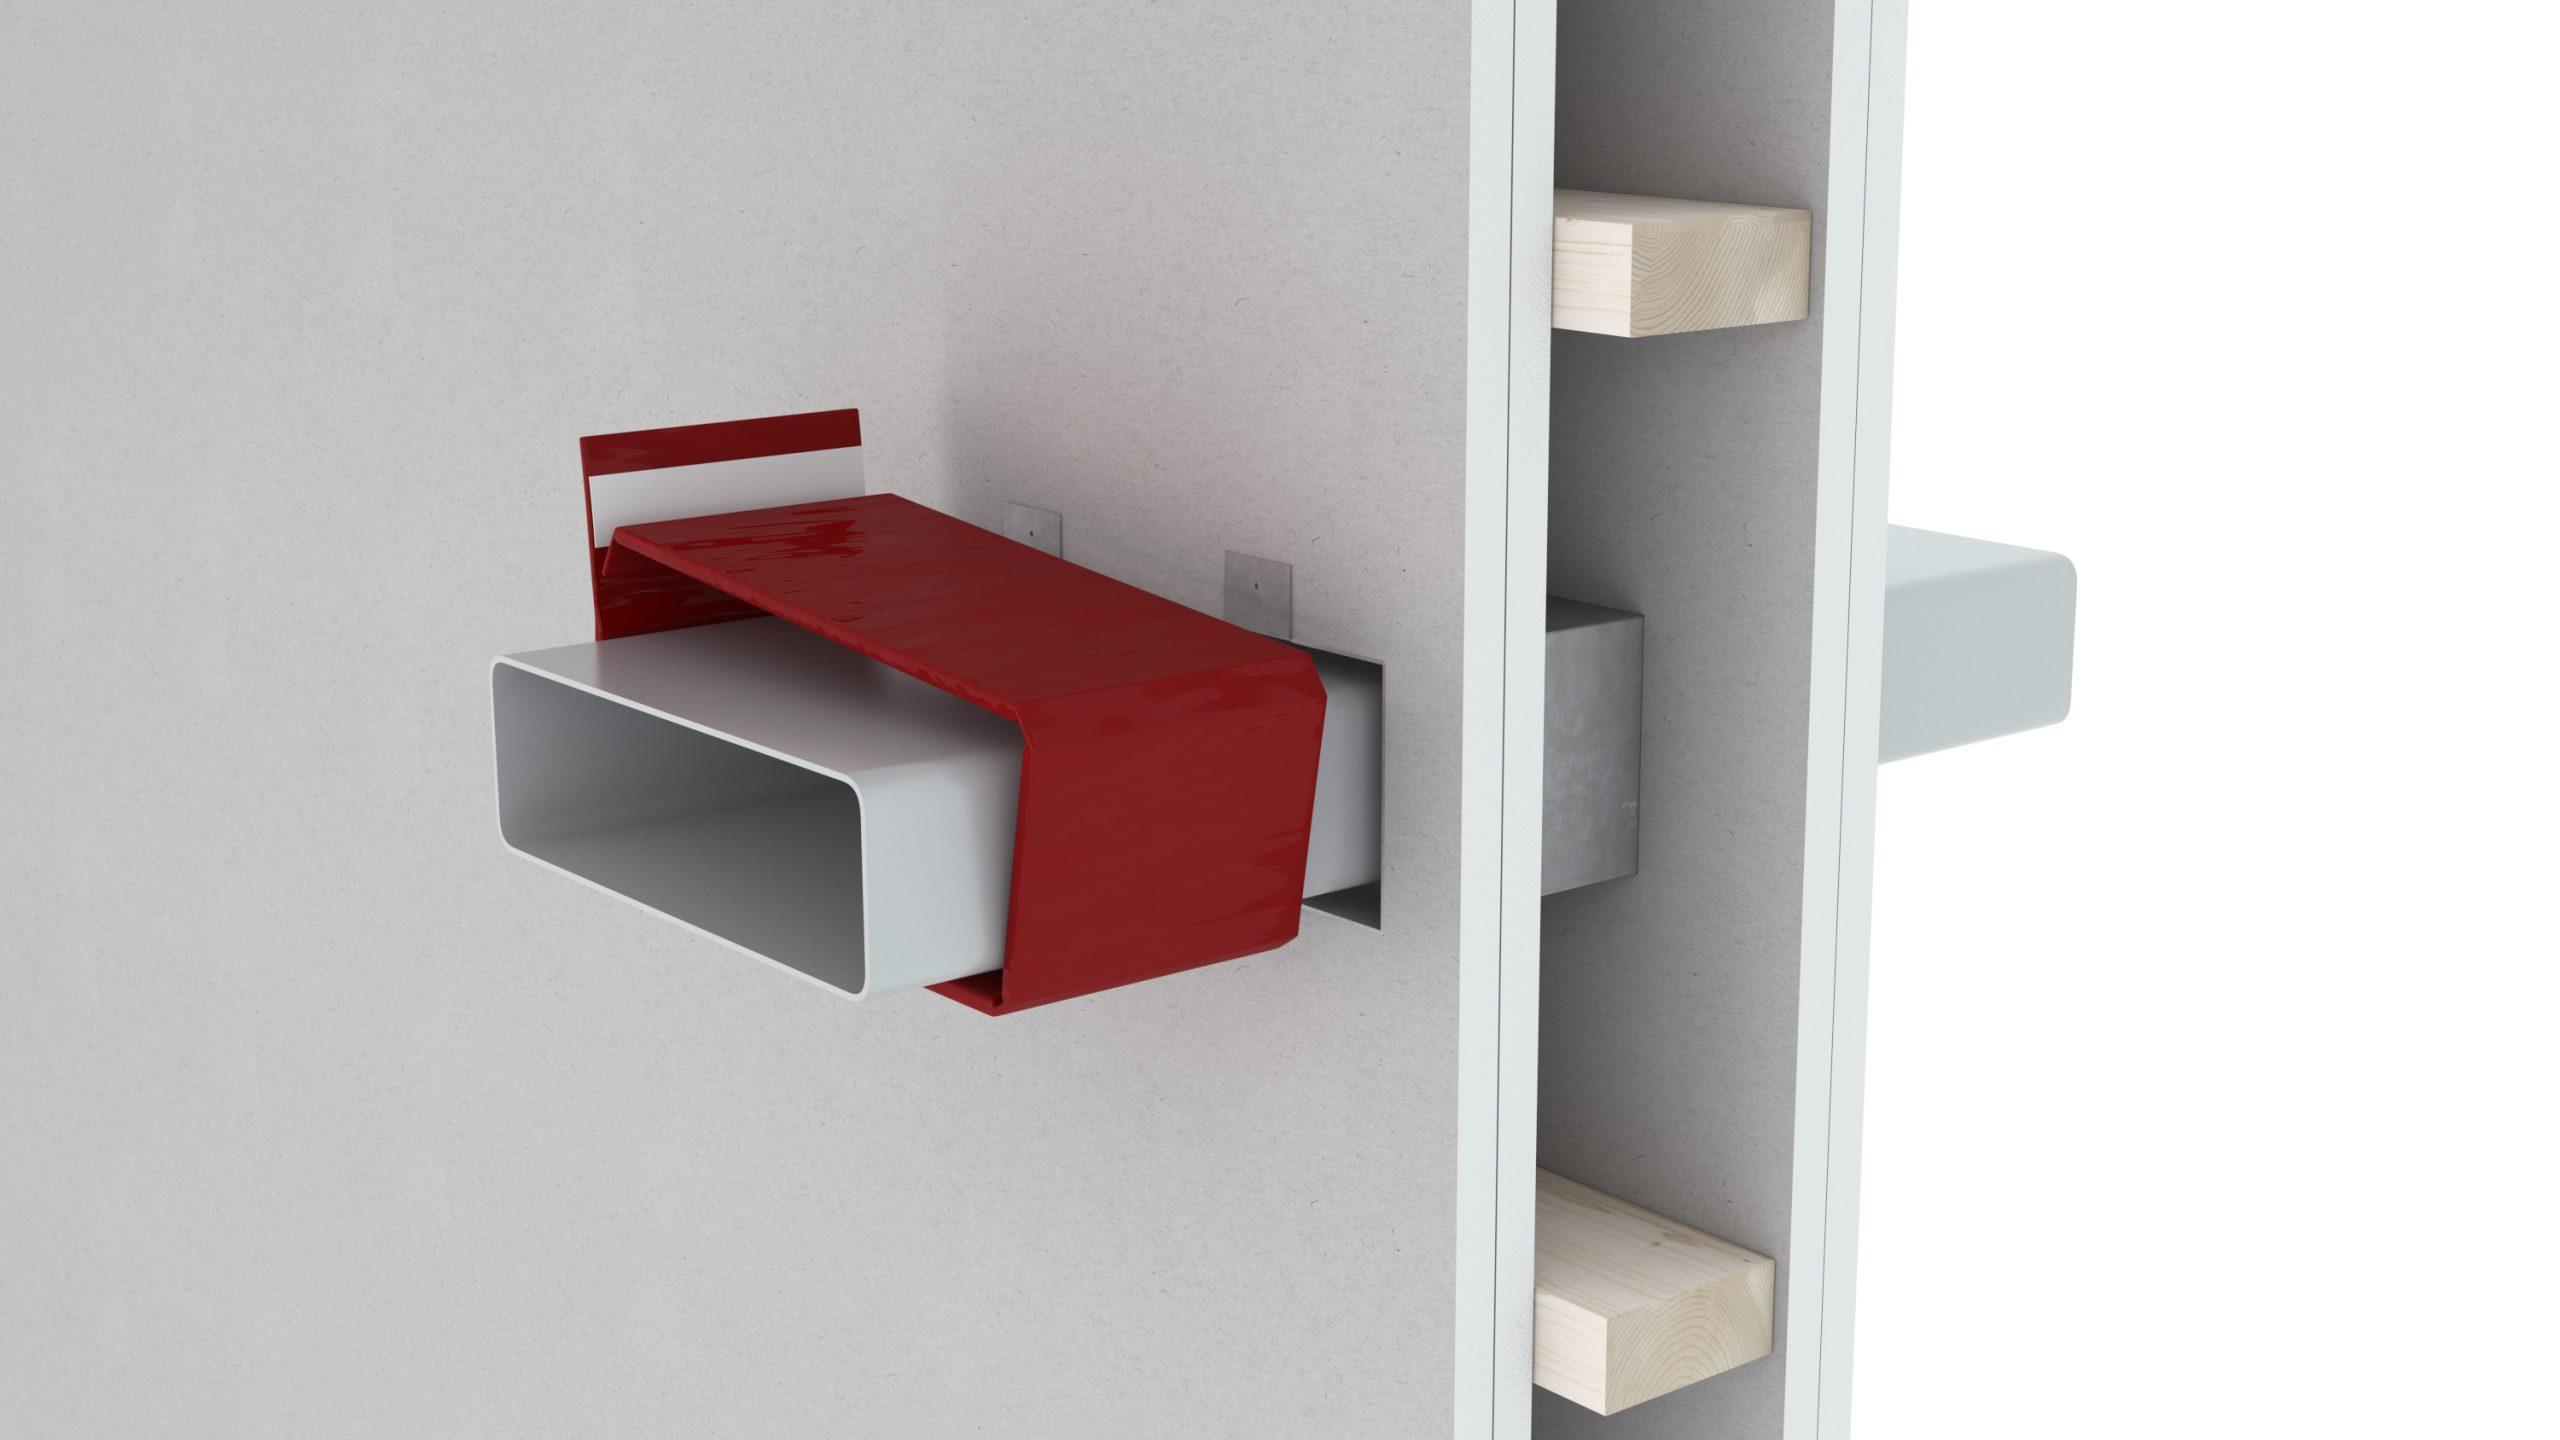 21-fp-ff109-vent-duct-wrap-in-situ-1